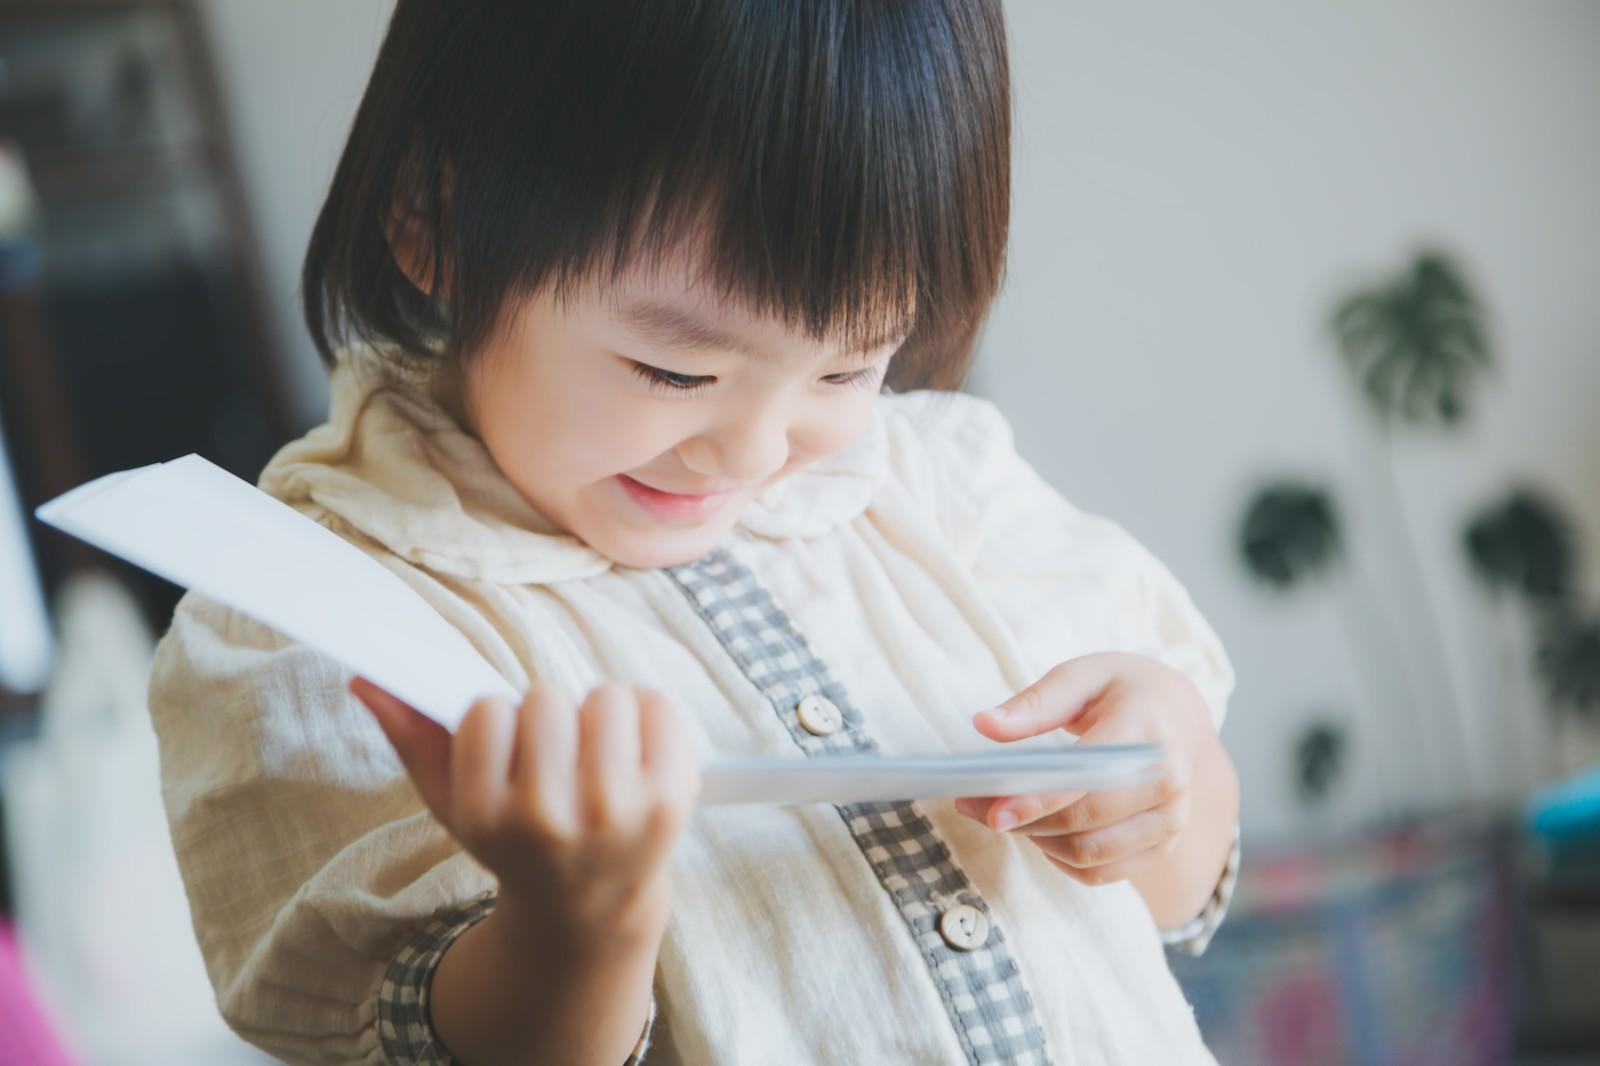 写真を見ている子供の写真